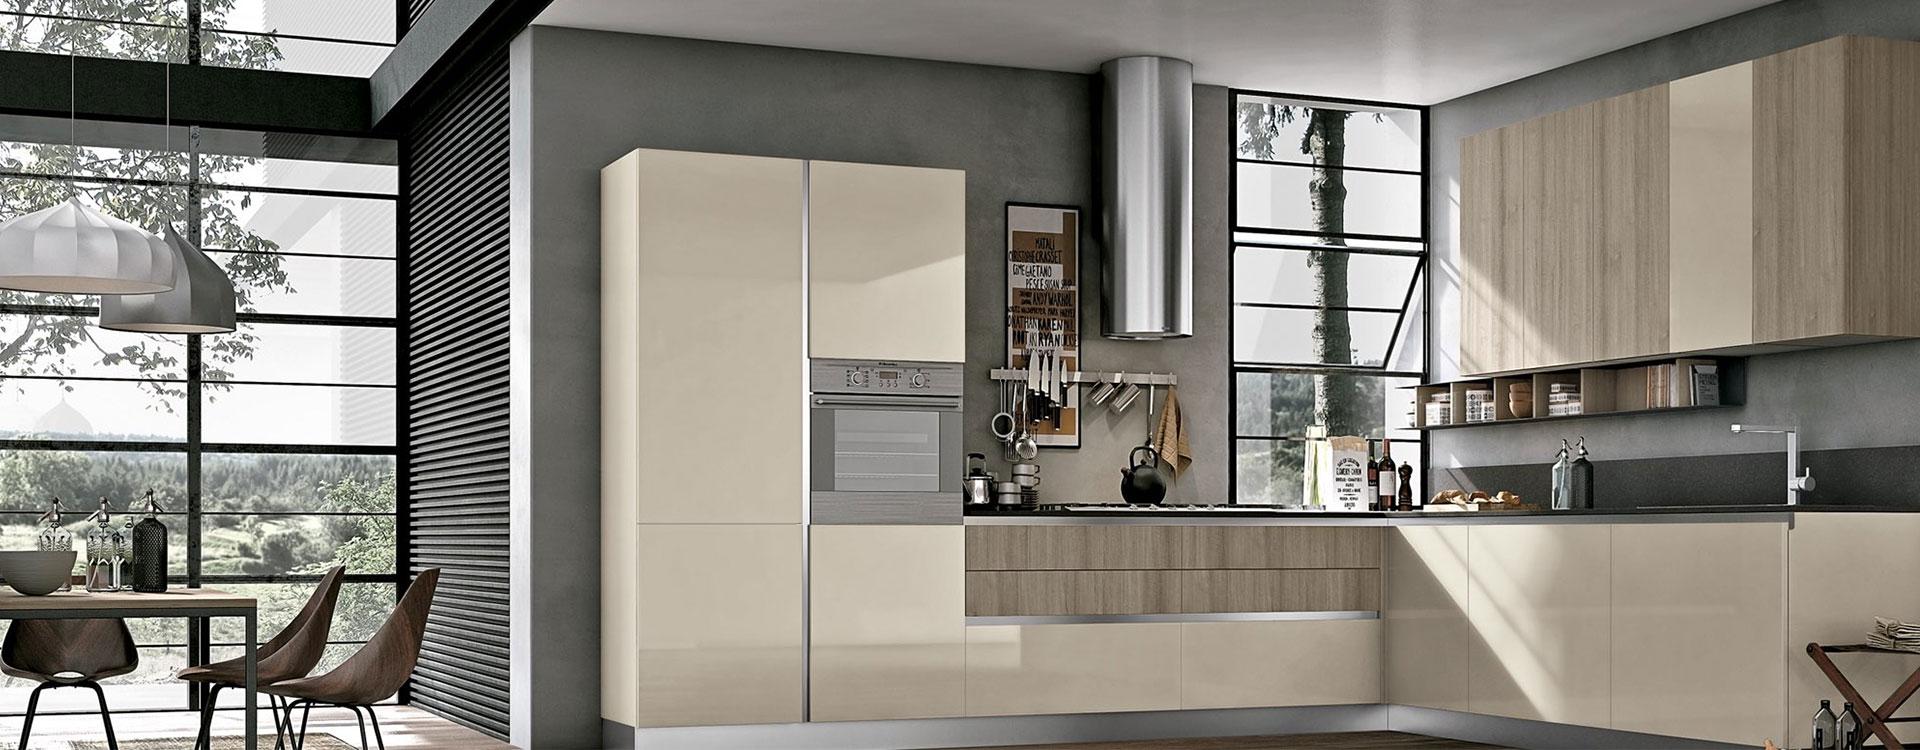 Merlok Aluminium Modular Kitchen coimbatore1